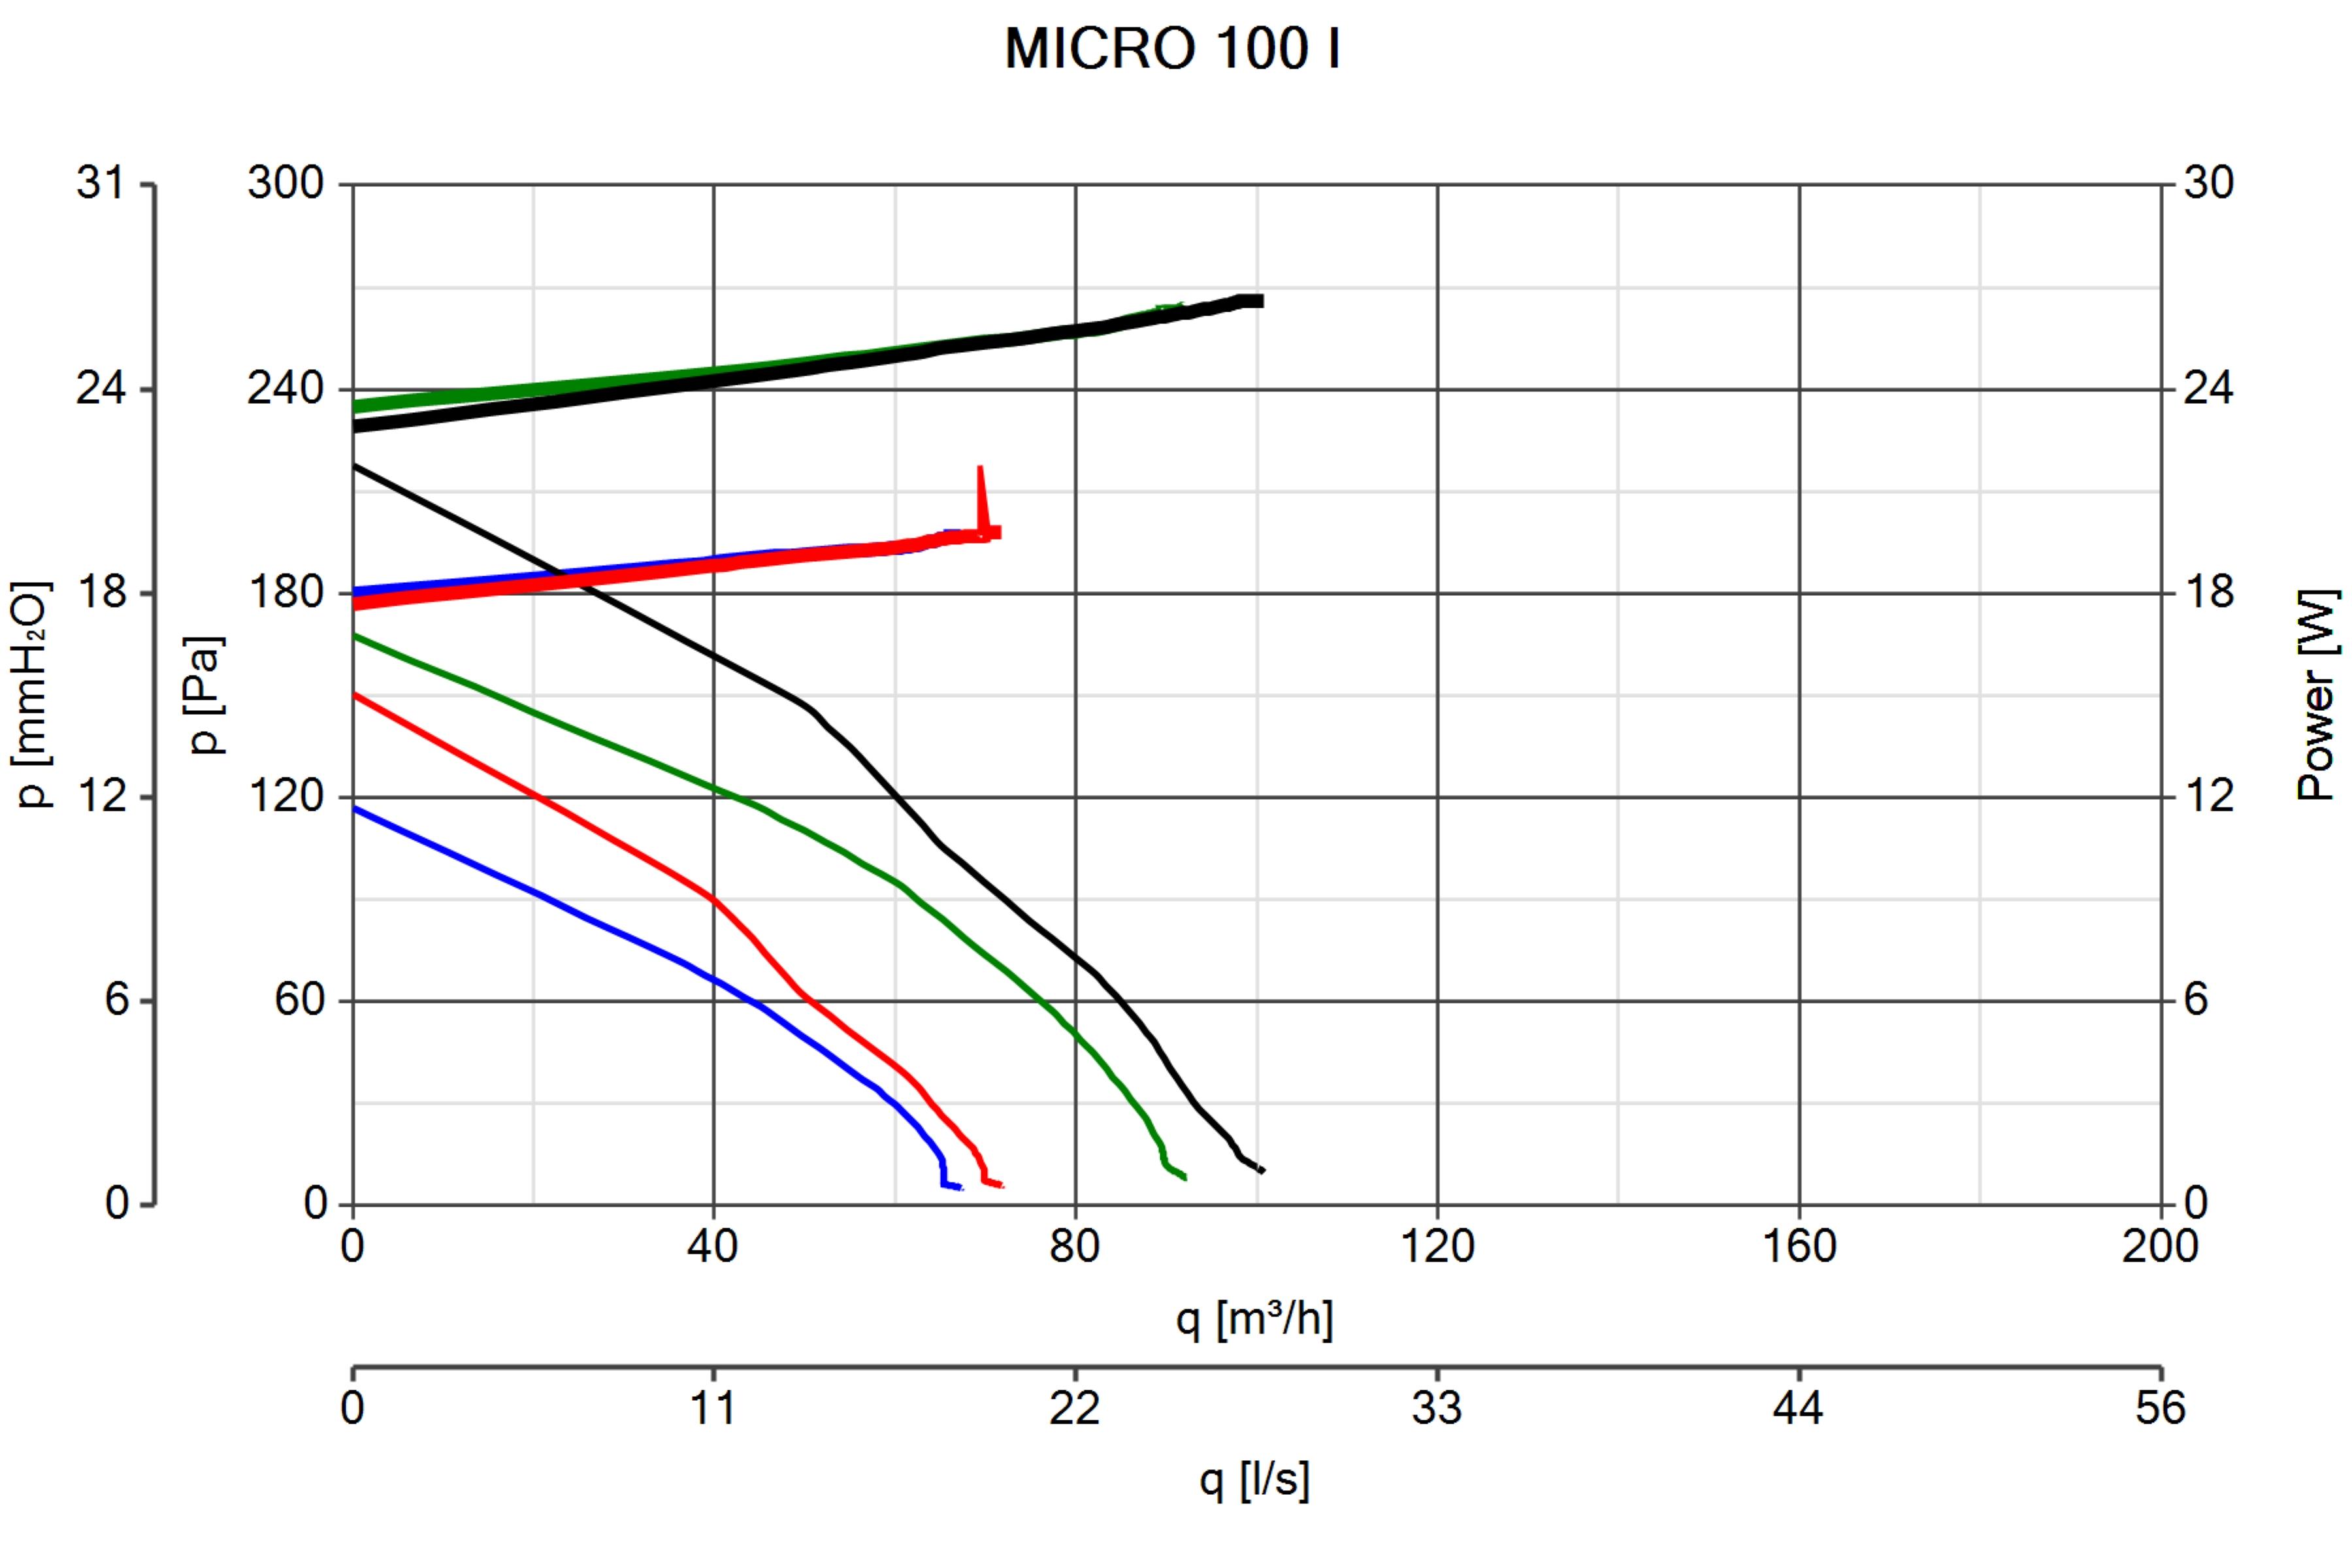 Schema Elettrico Regolatore Velocità Vortice : Micro i ventilazione residenziale centrifughi vortice